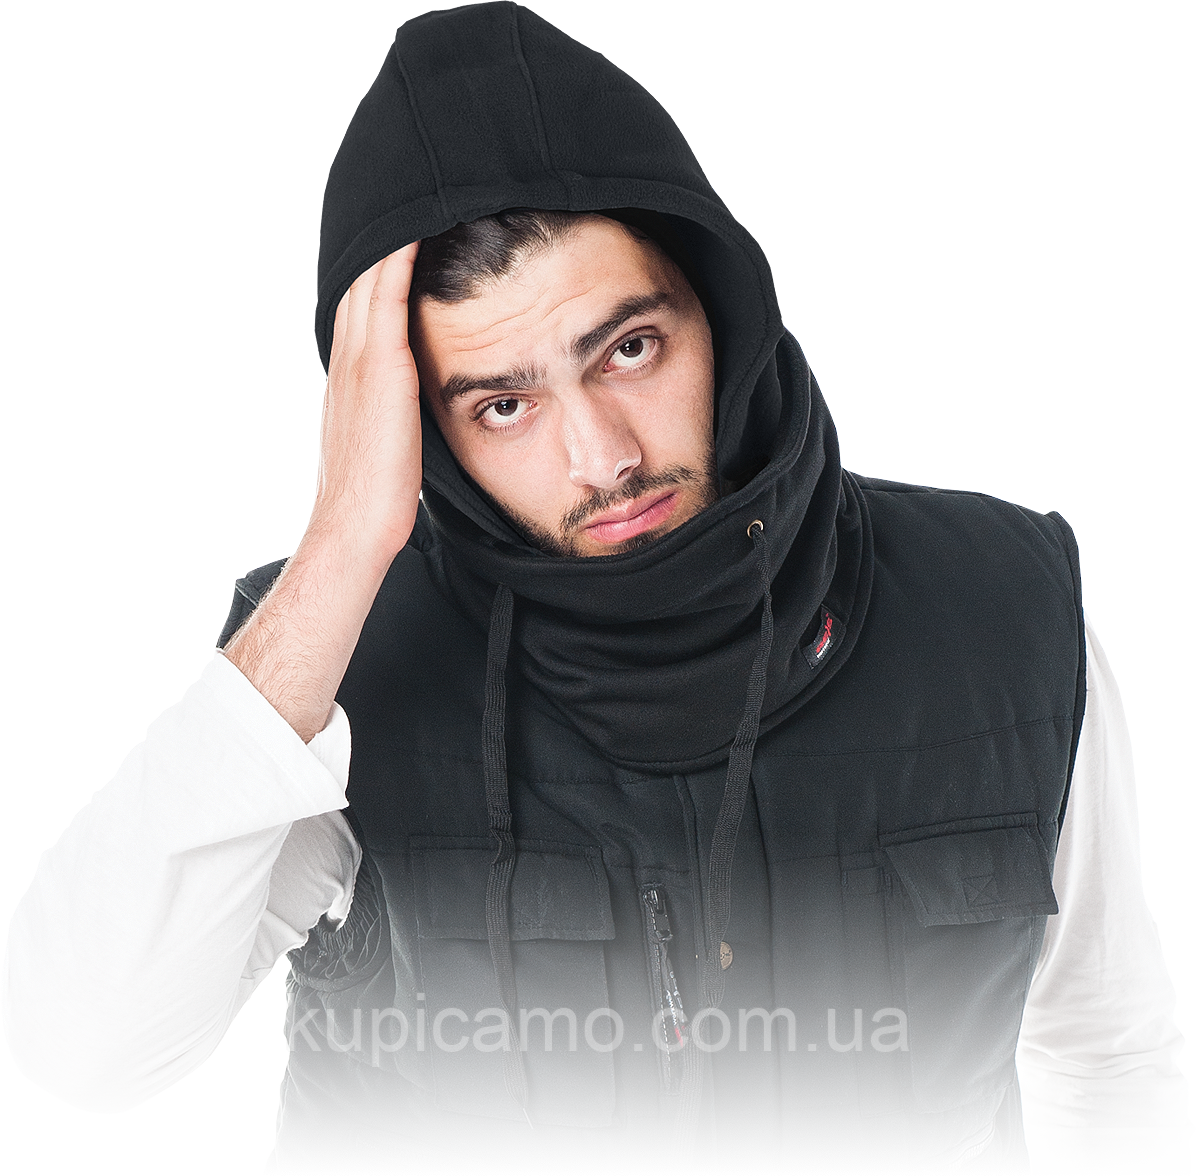 Защитный капюшон с воротником CZHOOD  черный (Балаклава)